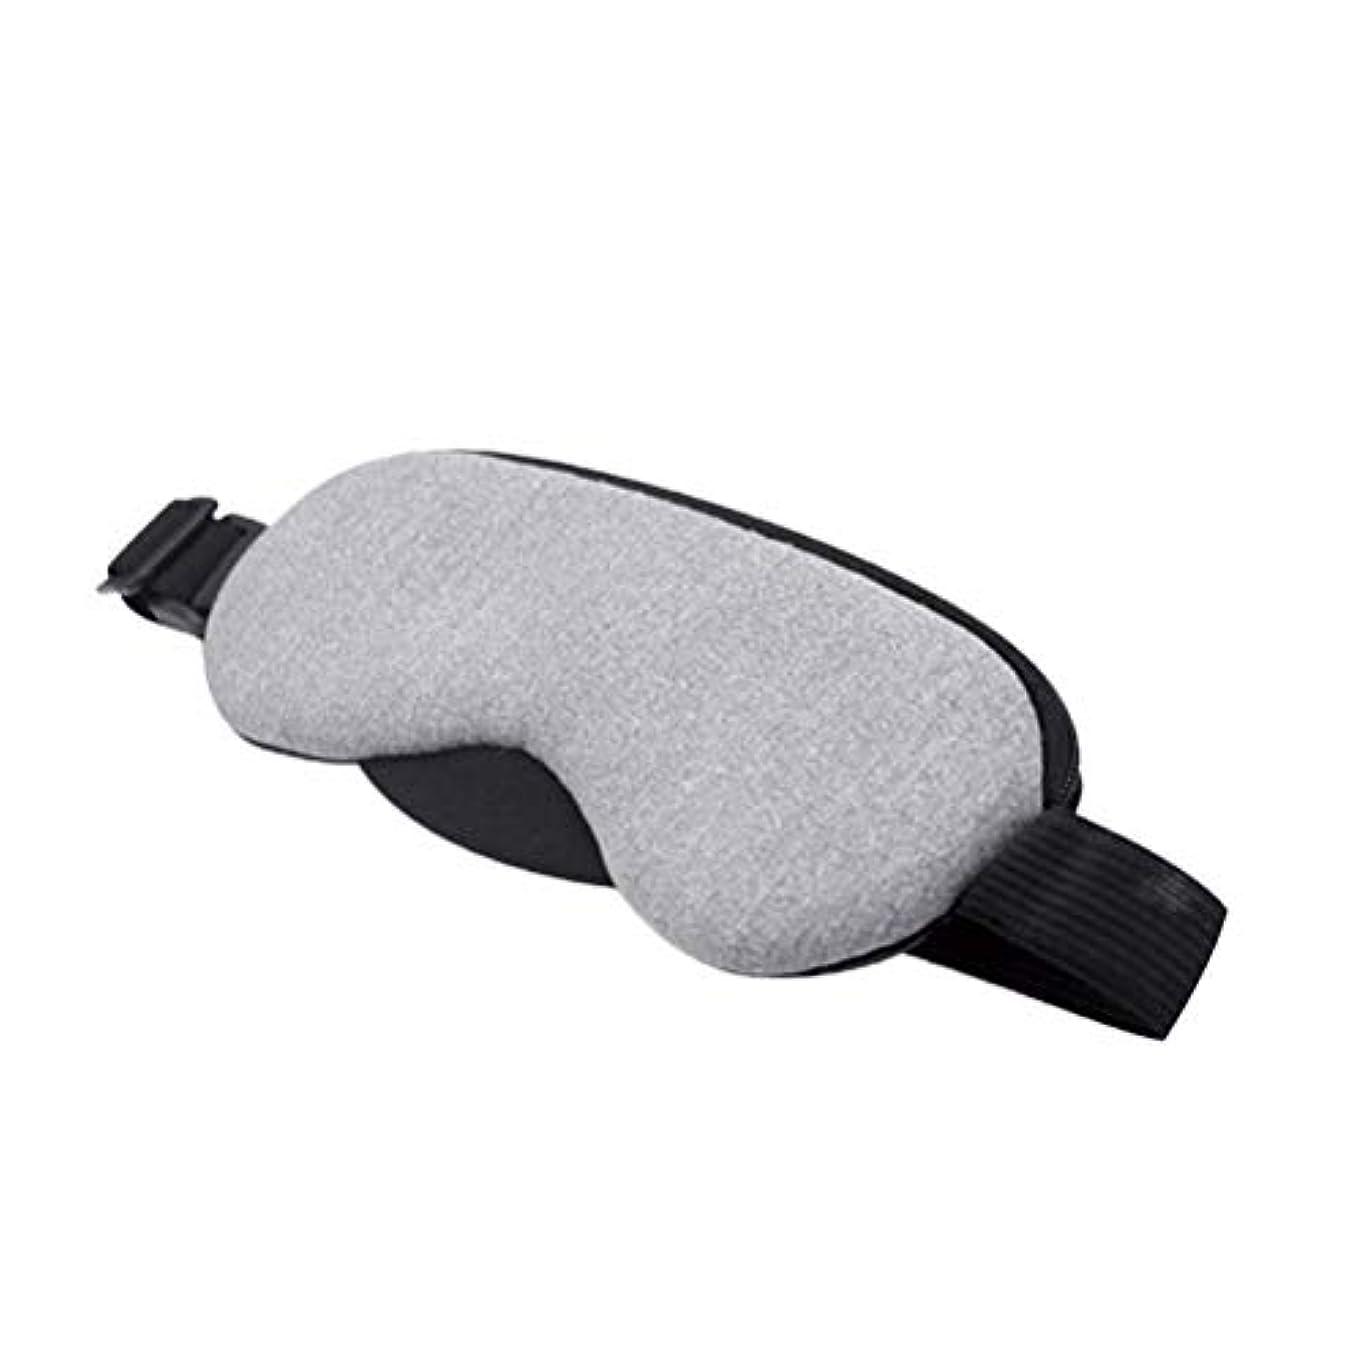 私たちの暗い感嘆HEALIFTY アイマスクUSBヒートホットスチームアイマスクは、パフの目を癒すために設計されています。ダークサークルアイドライアイブライトフィリストストレスフィニッシュアイ(グレーフレグランスフリー)